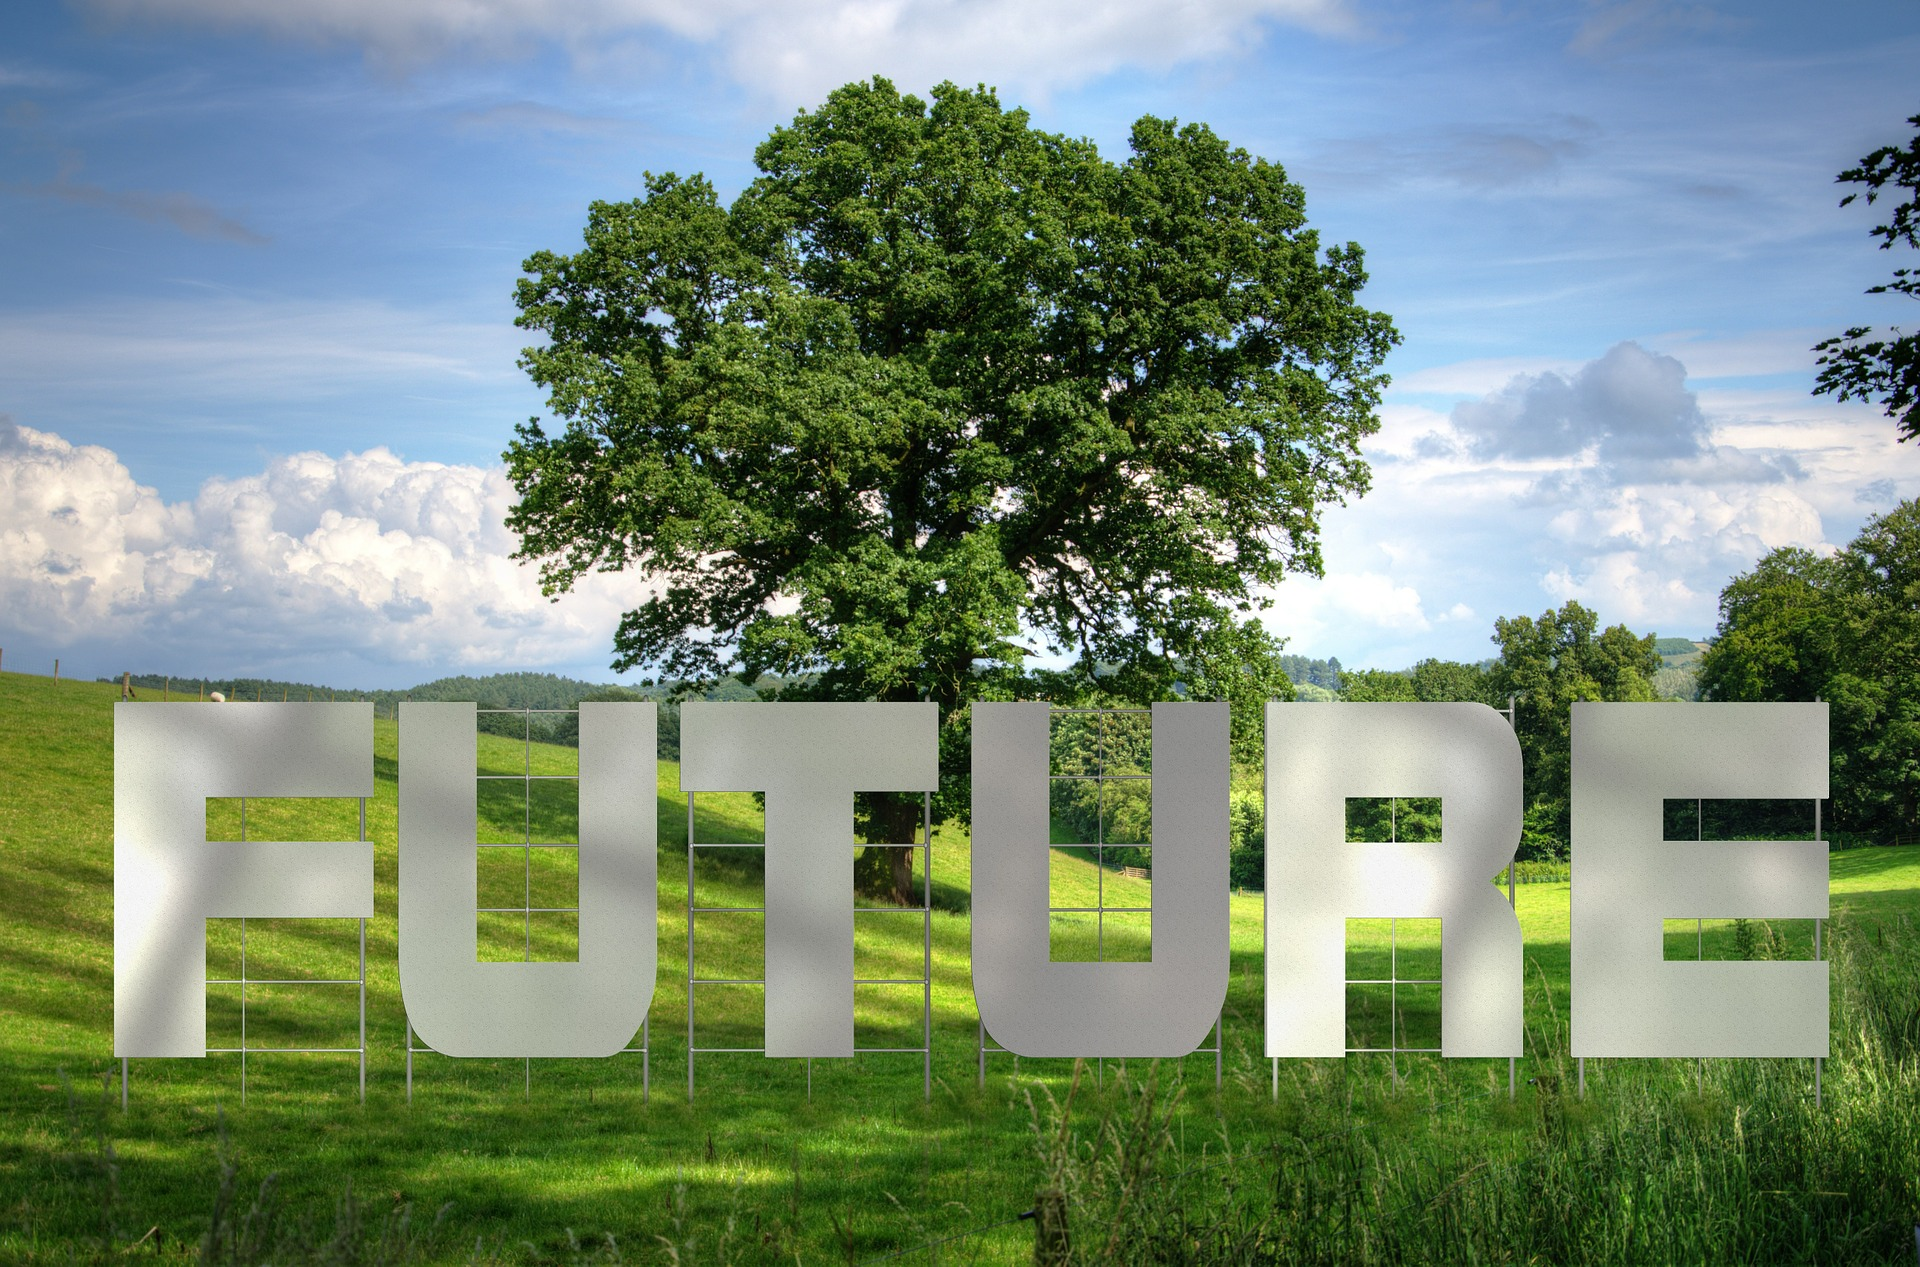 Rohstoffe Der Zukunft